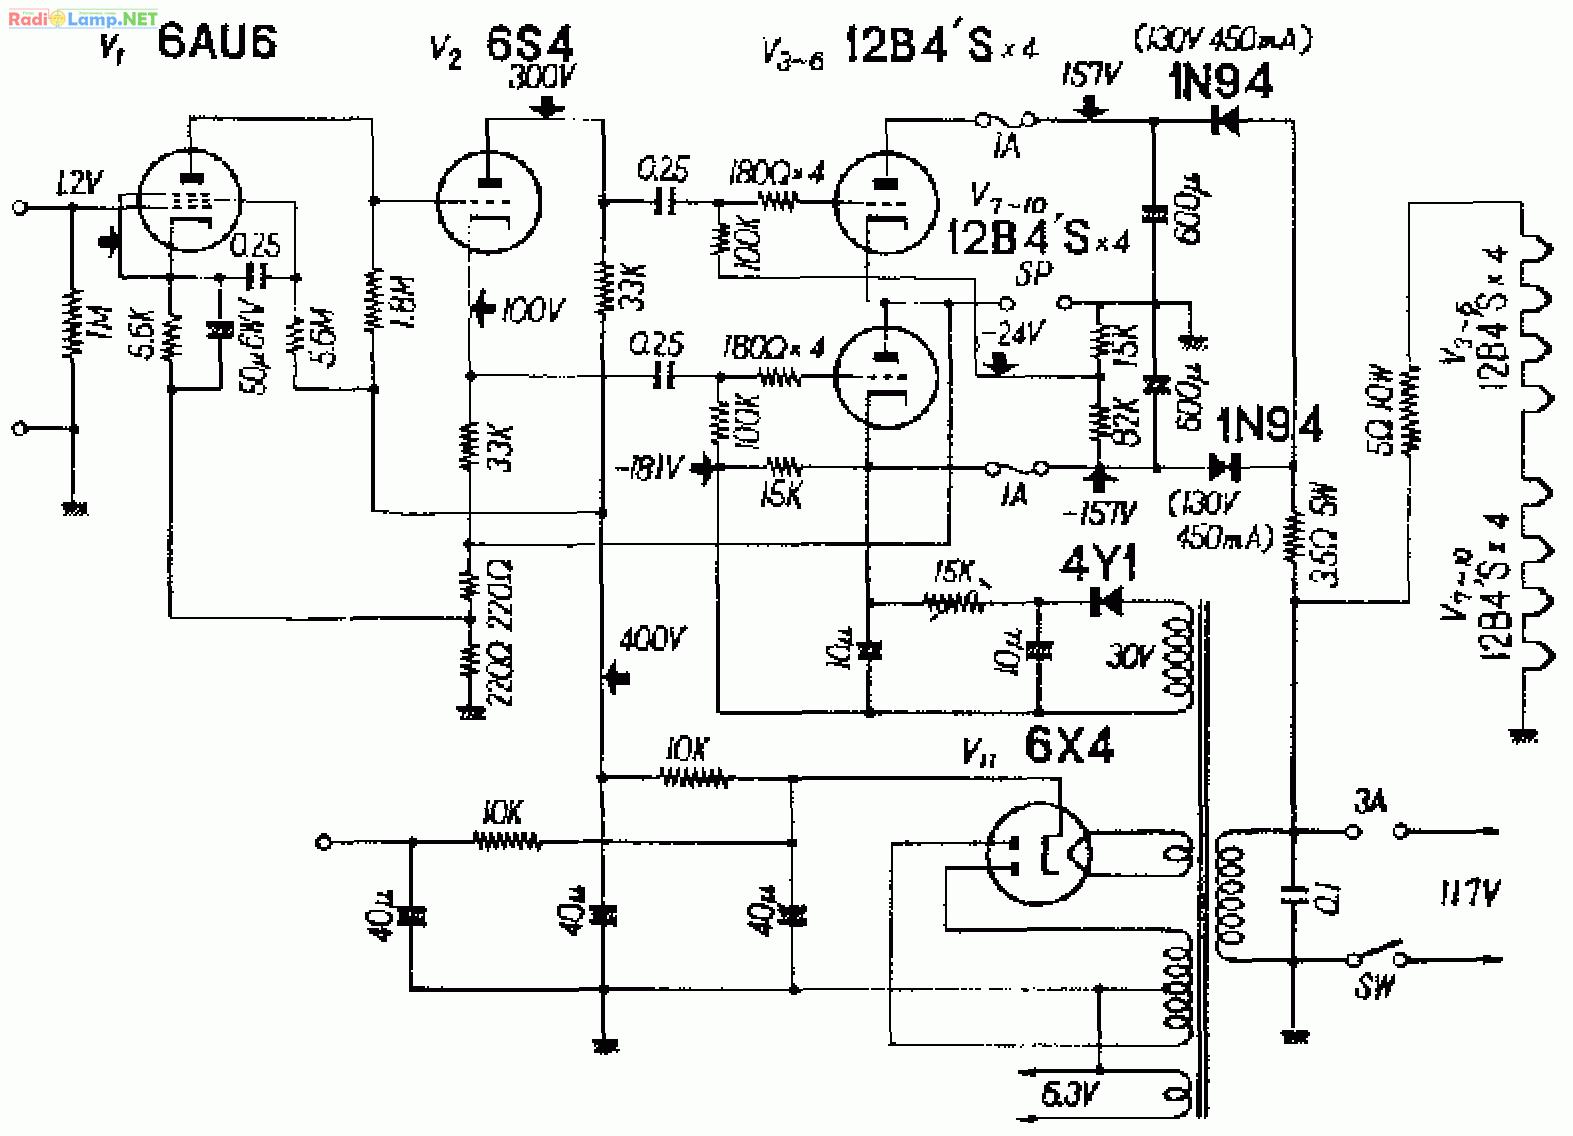 Схемы › S-Led.Ru - Светодиоды и электронные схемы